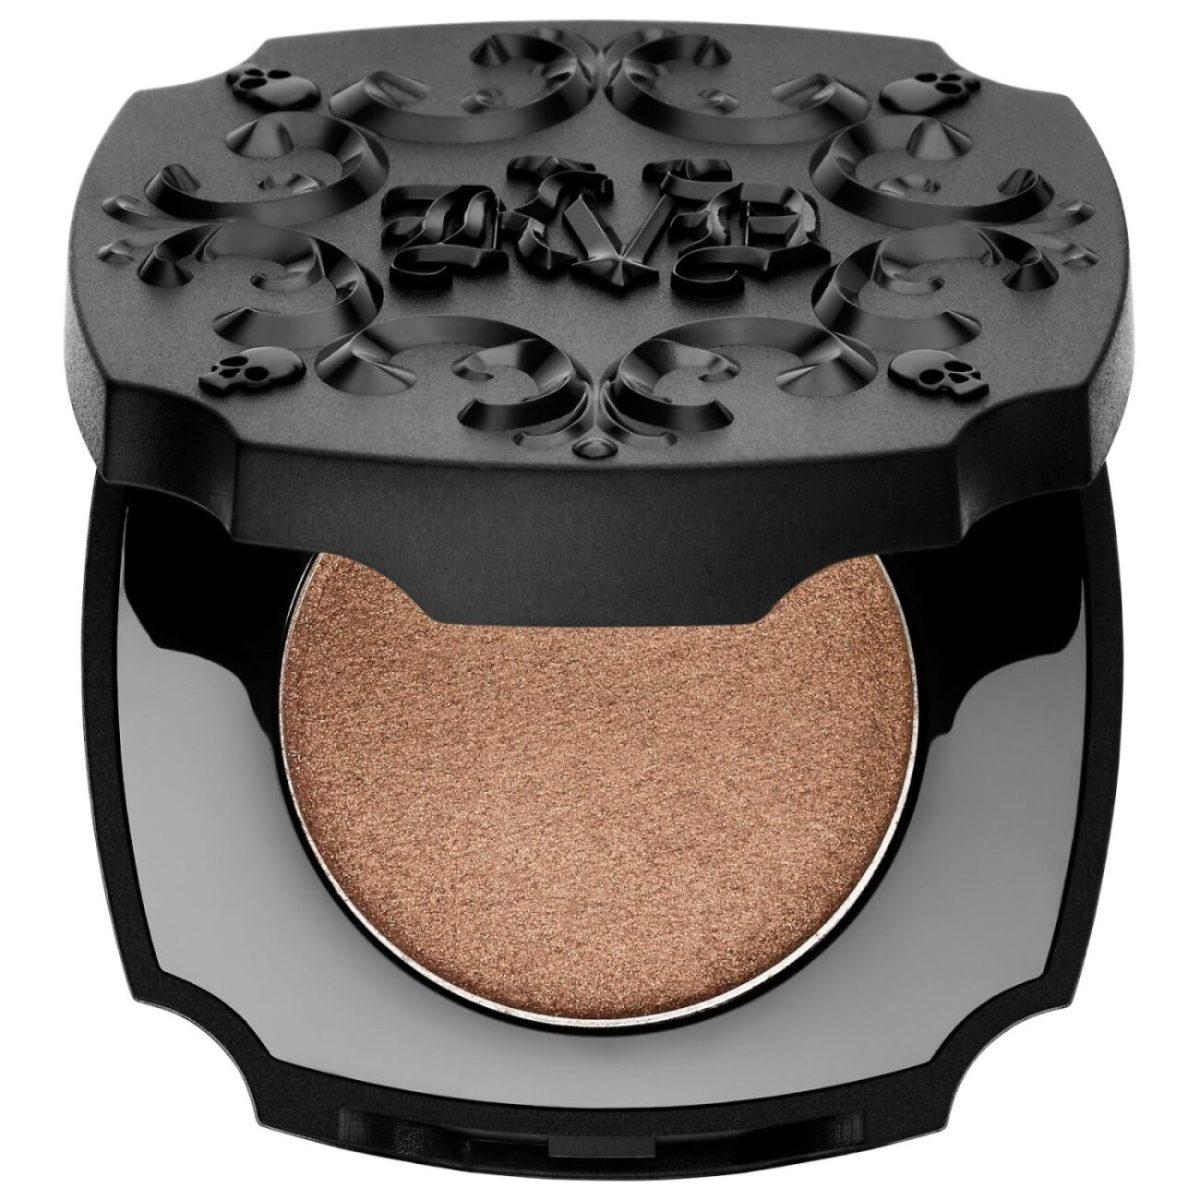 Kat-Von-D-Brow-Struck-Dimension-Powder-light-brown